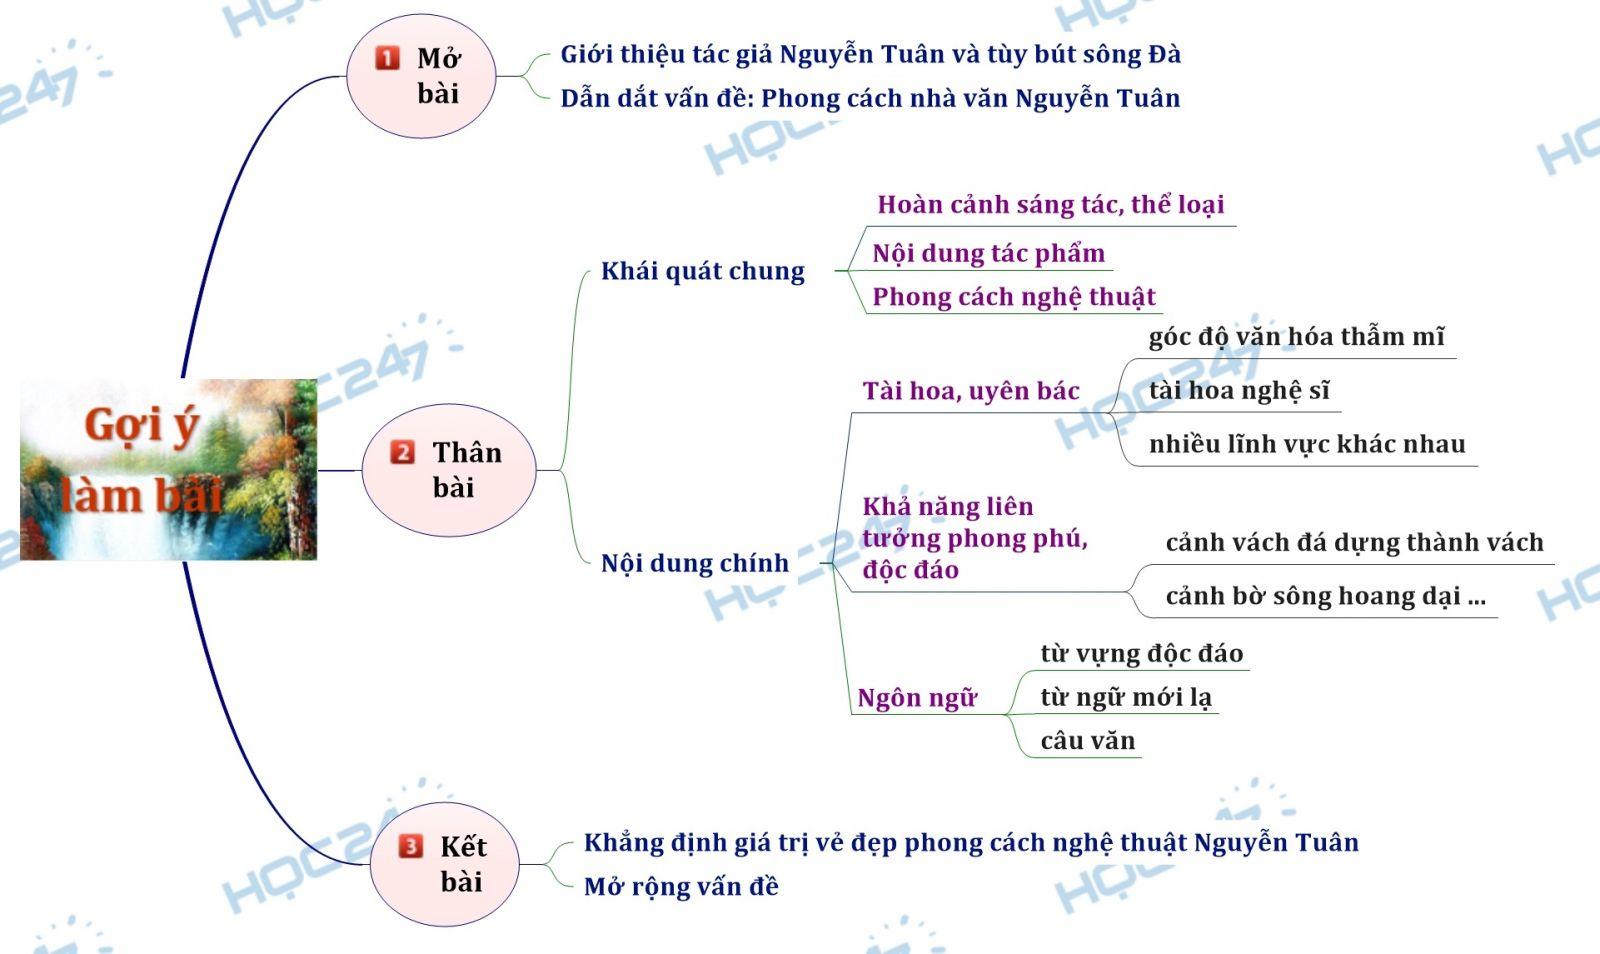 Sơ đồ tư duy - Phân tích Người lái đò sông Đà để thấy rõ phong cách nghệ thuật nhà văn Nguyễn Tuân